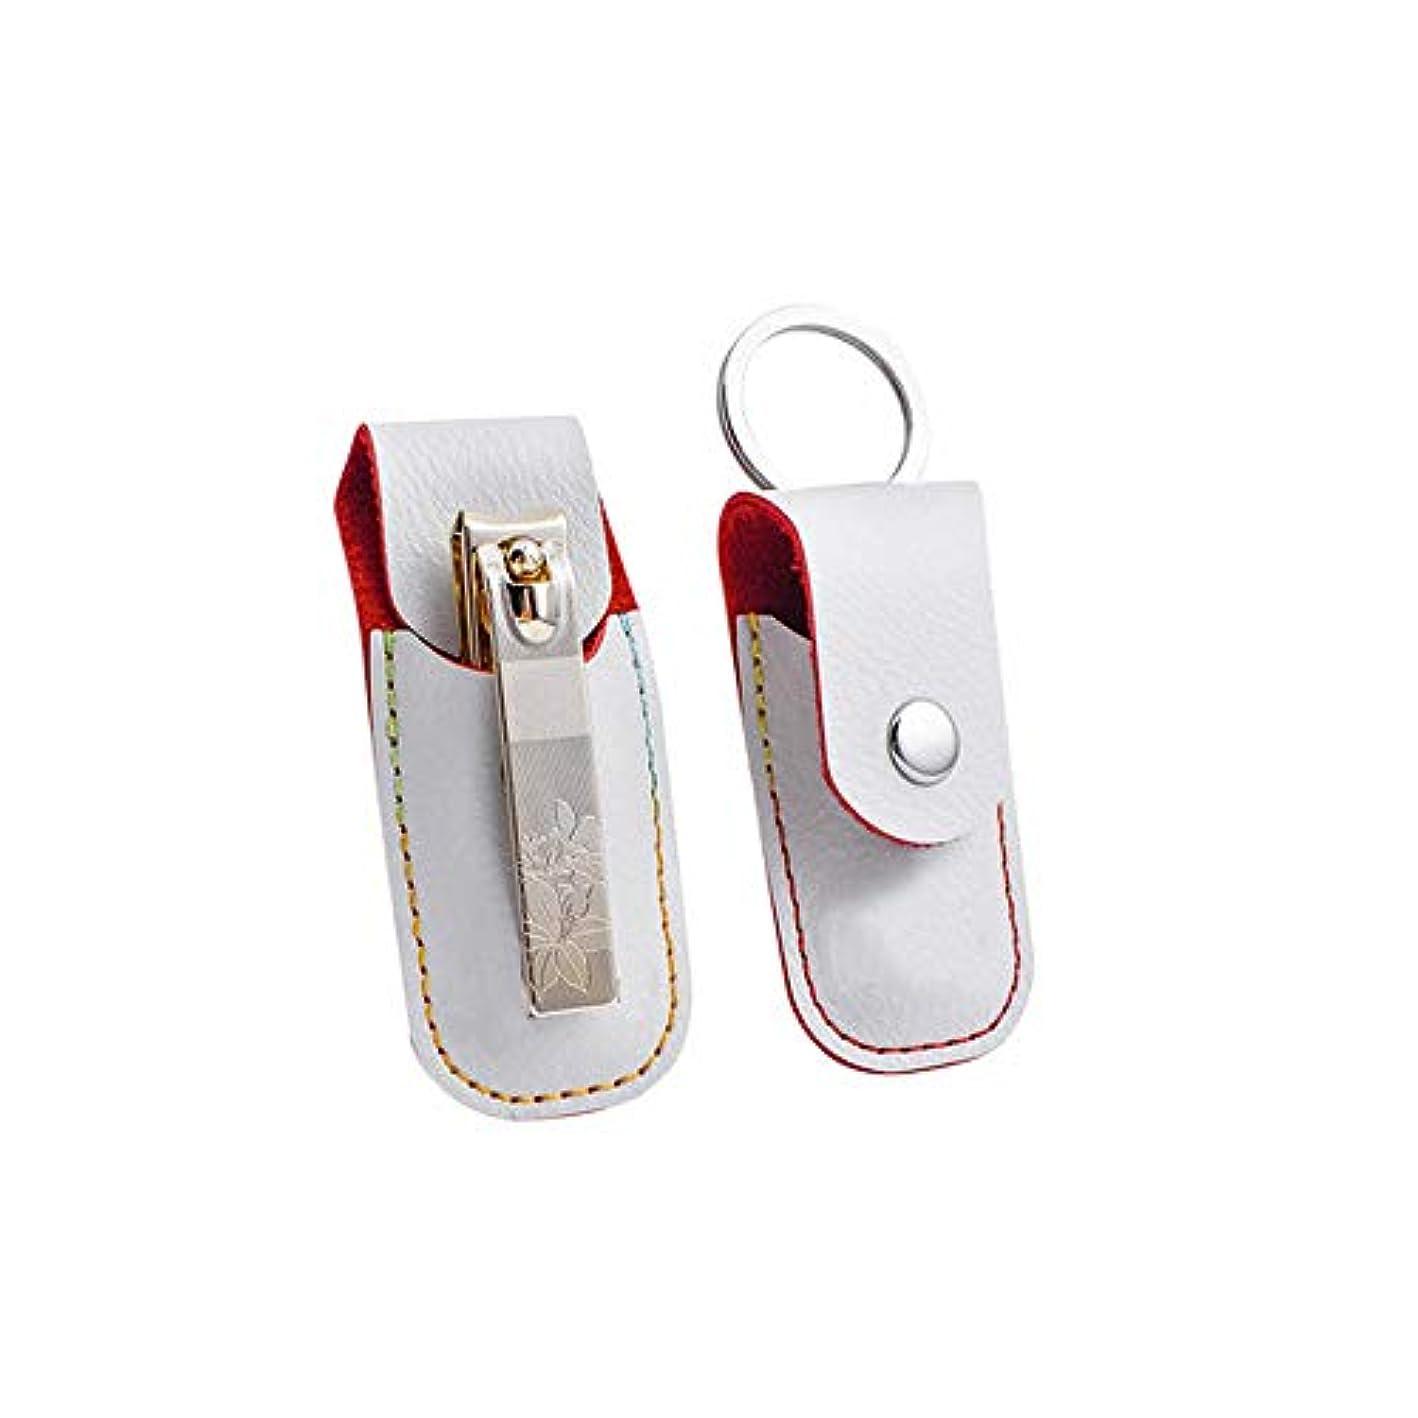 イタリック国籍国旗人気爪切りステンレス鋼製爪切りプリント爪切り高級PUレザーケース付き、ゴールド